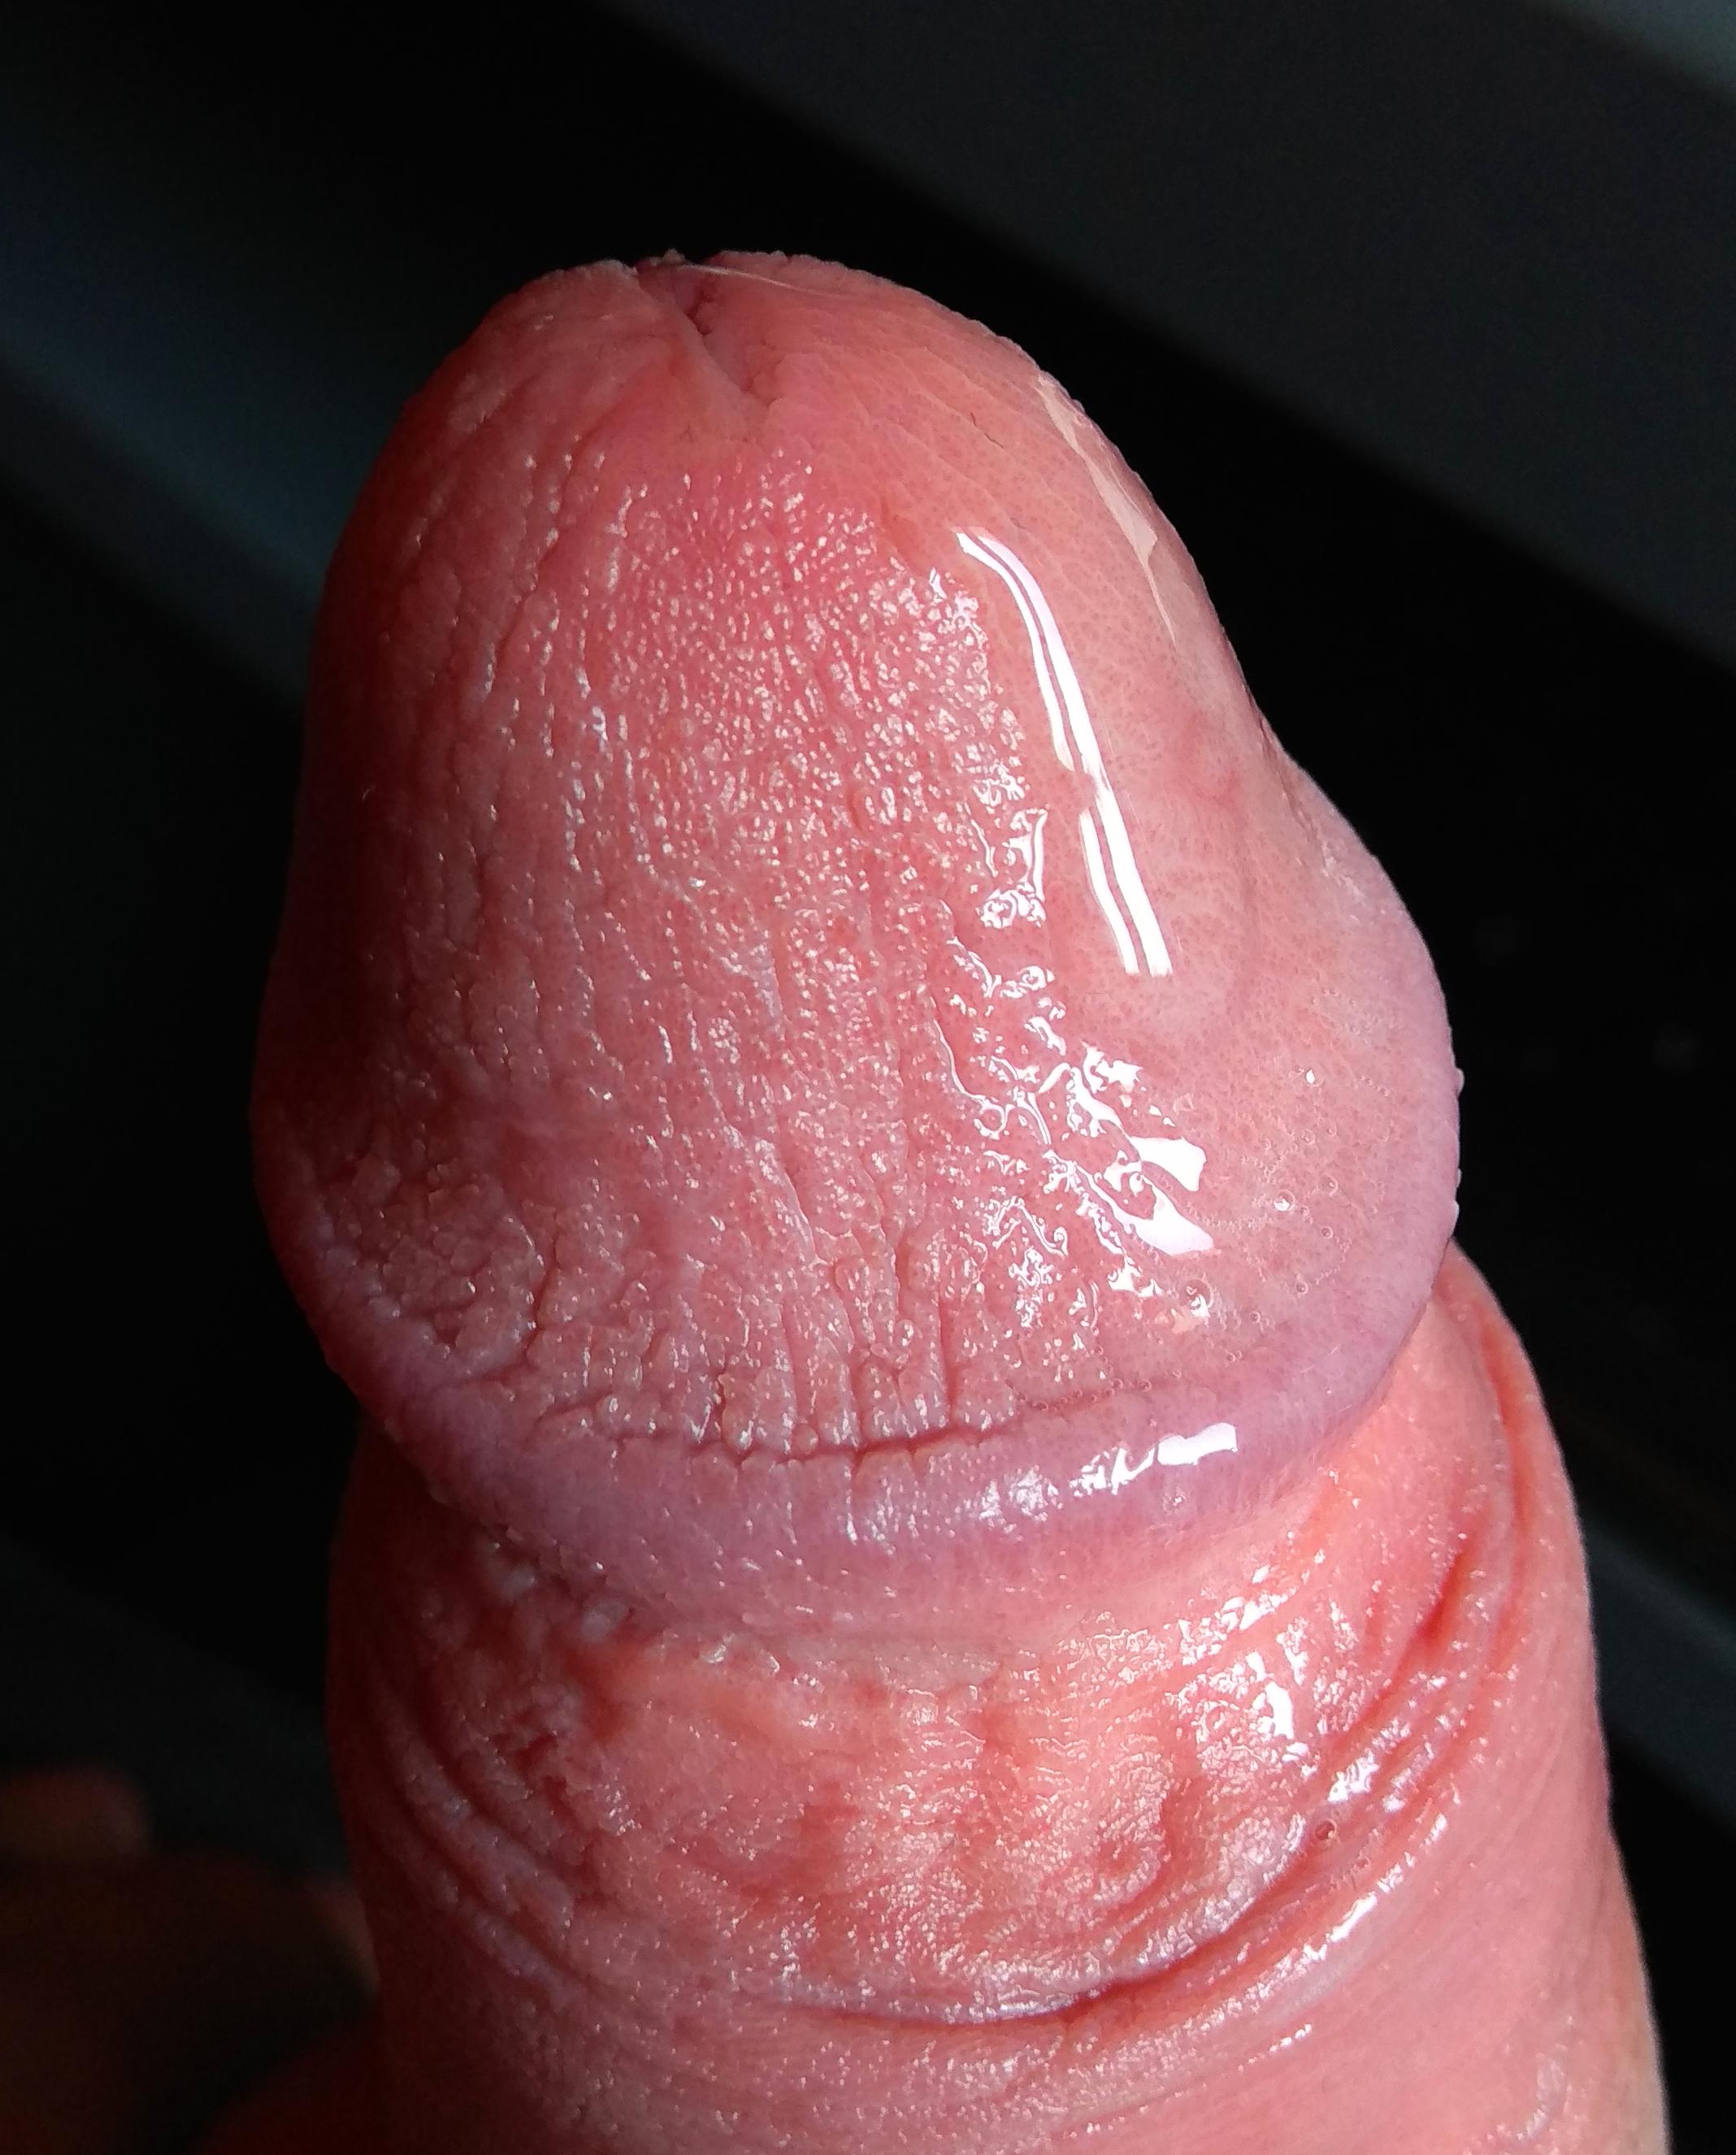 hideg pénisz hogyan kell kezelni merevedés egy 50 éves férfiban